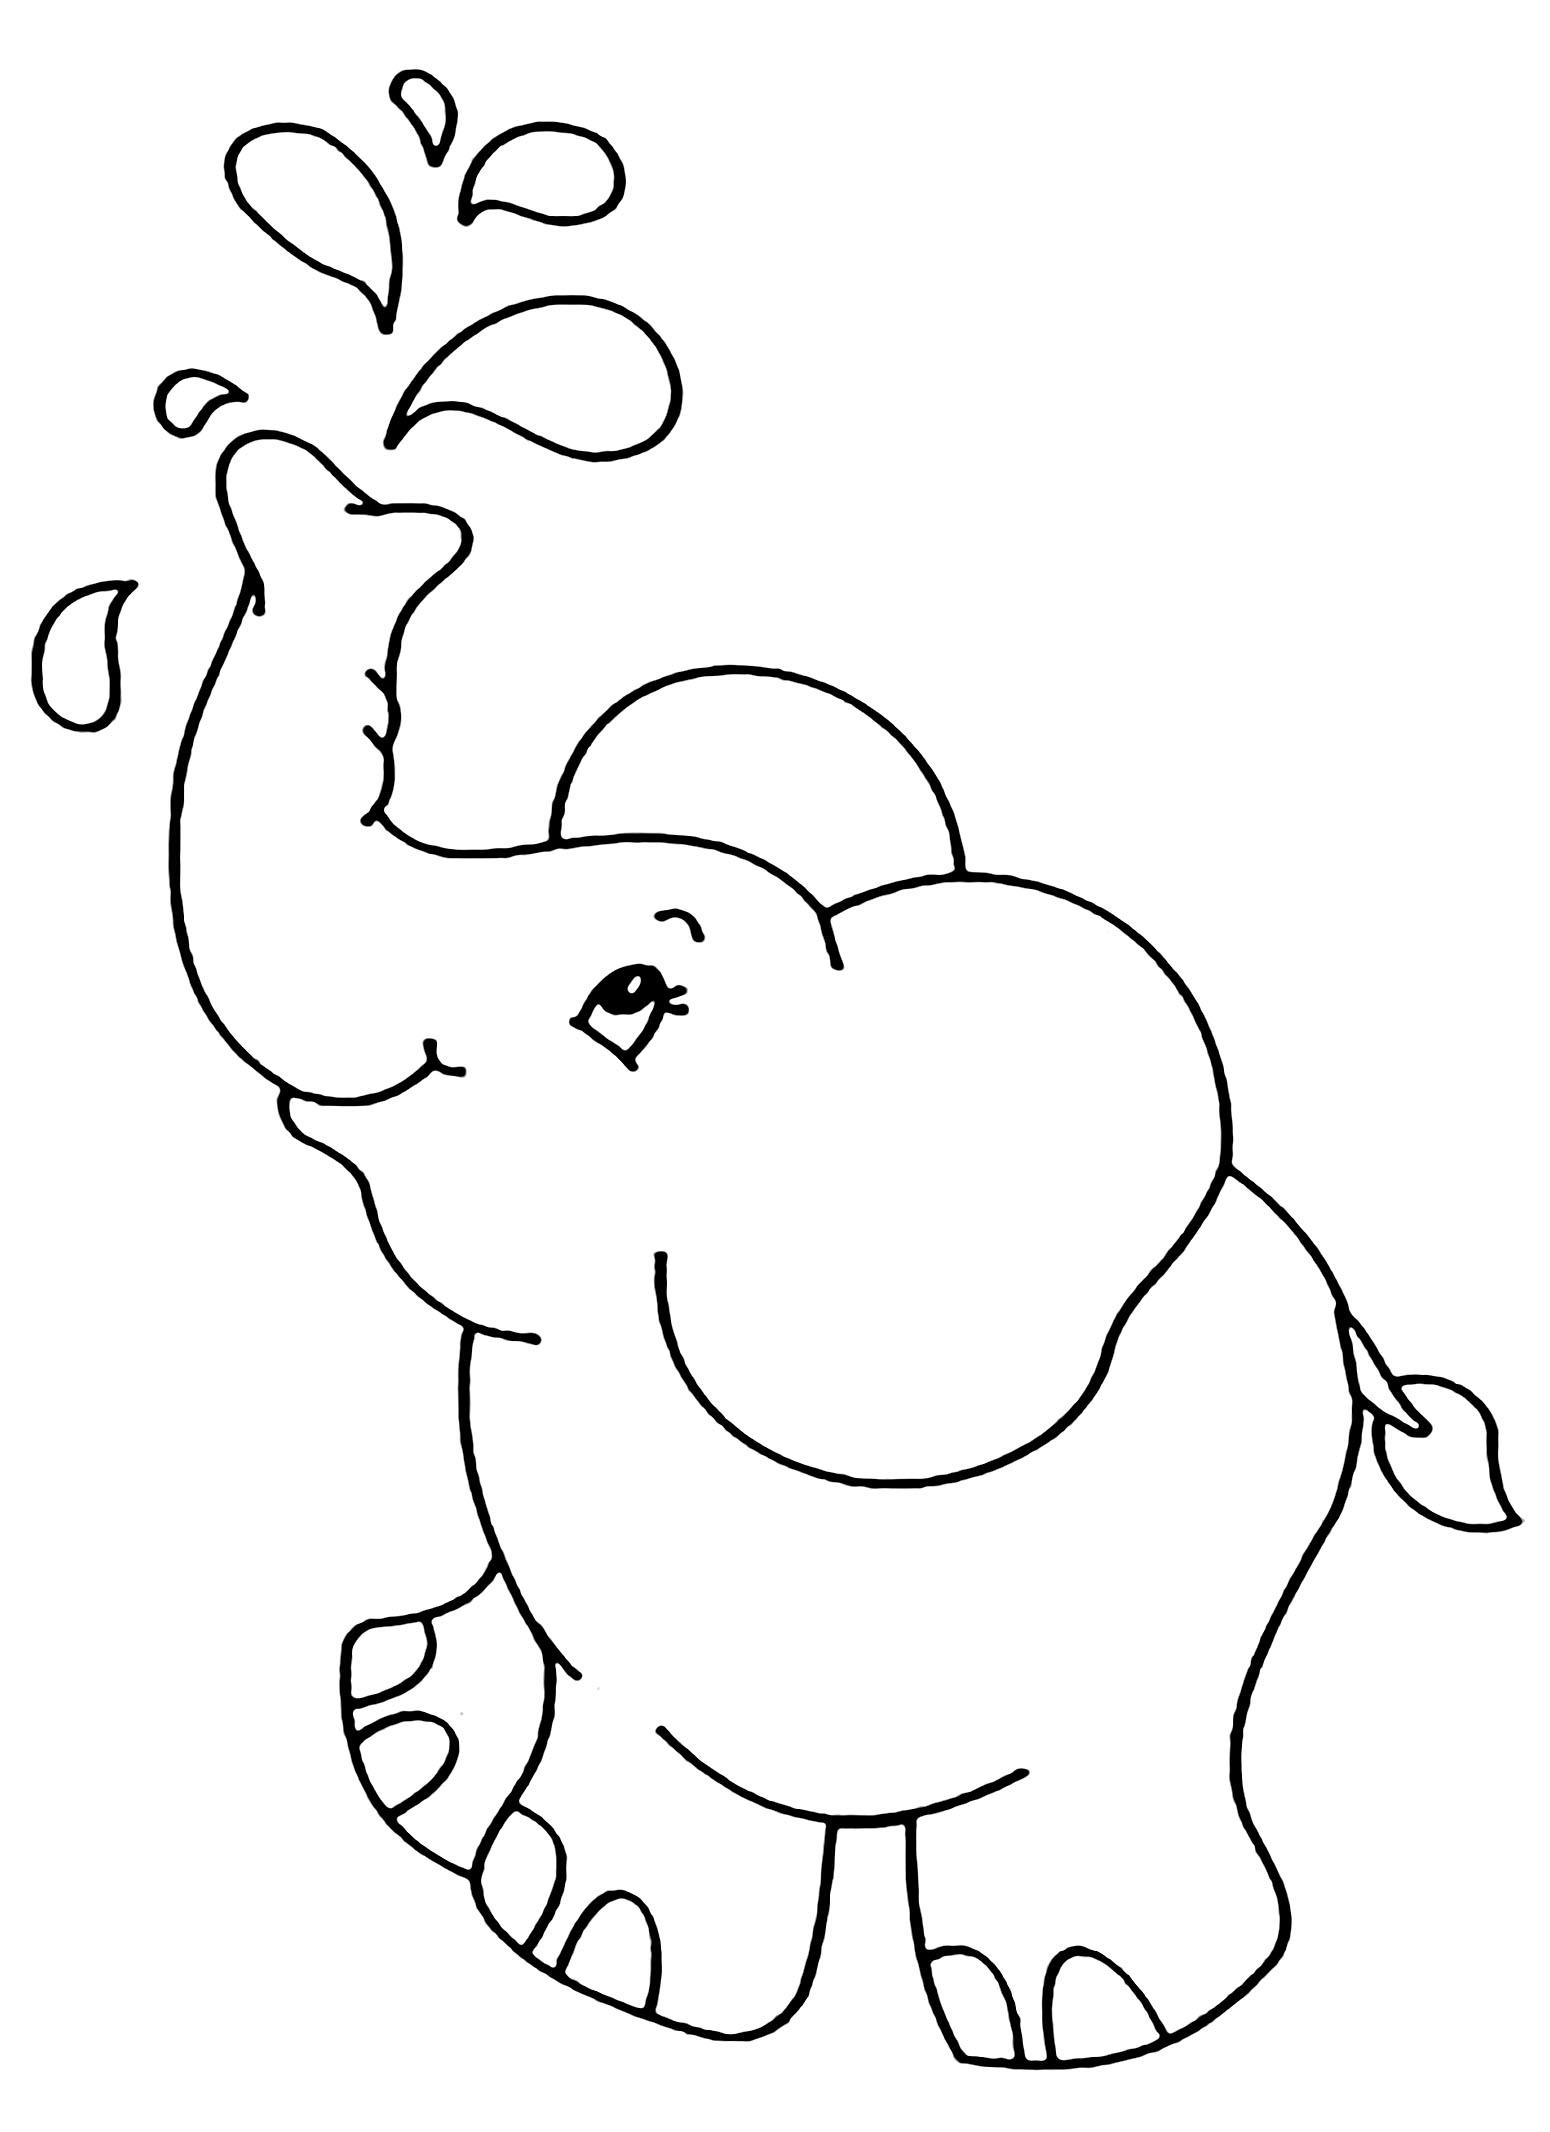 Kolorowanka Ma Y S Onik Podobny Do Dumbo Do Druku